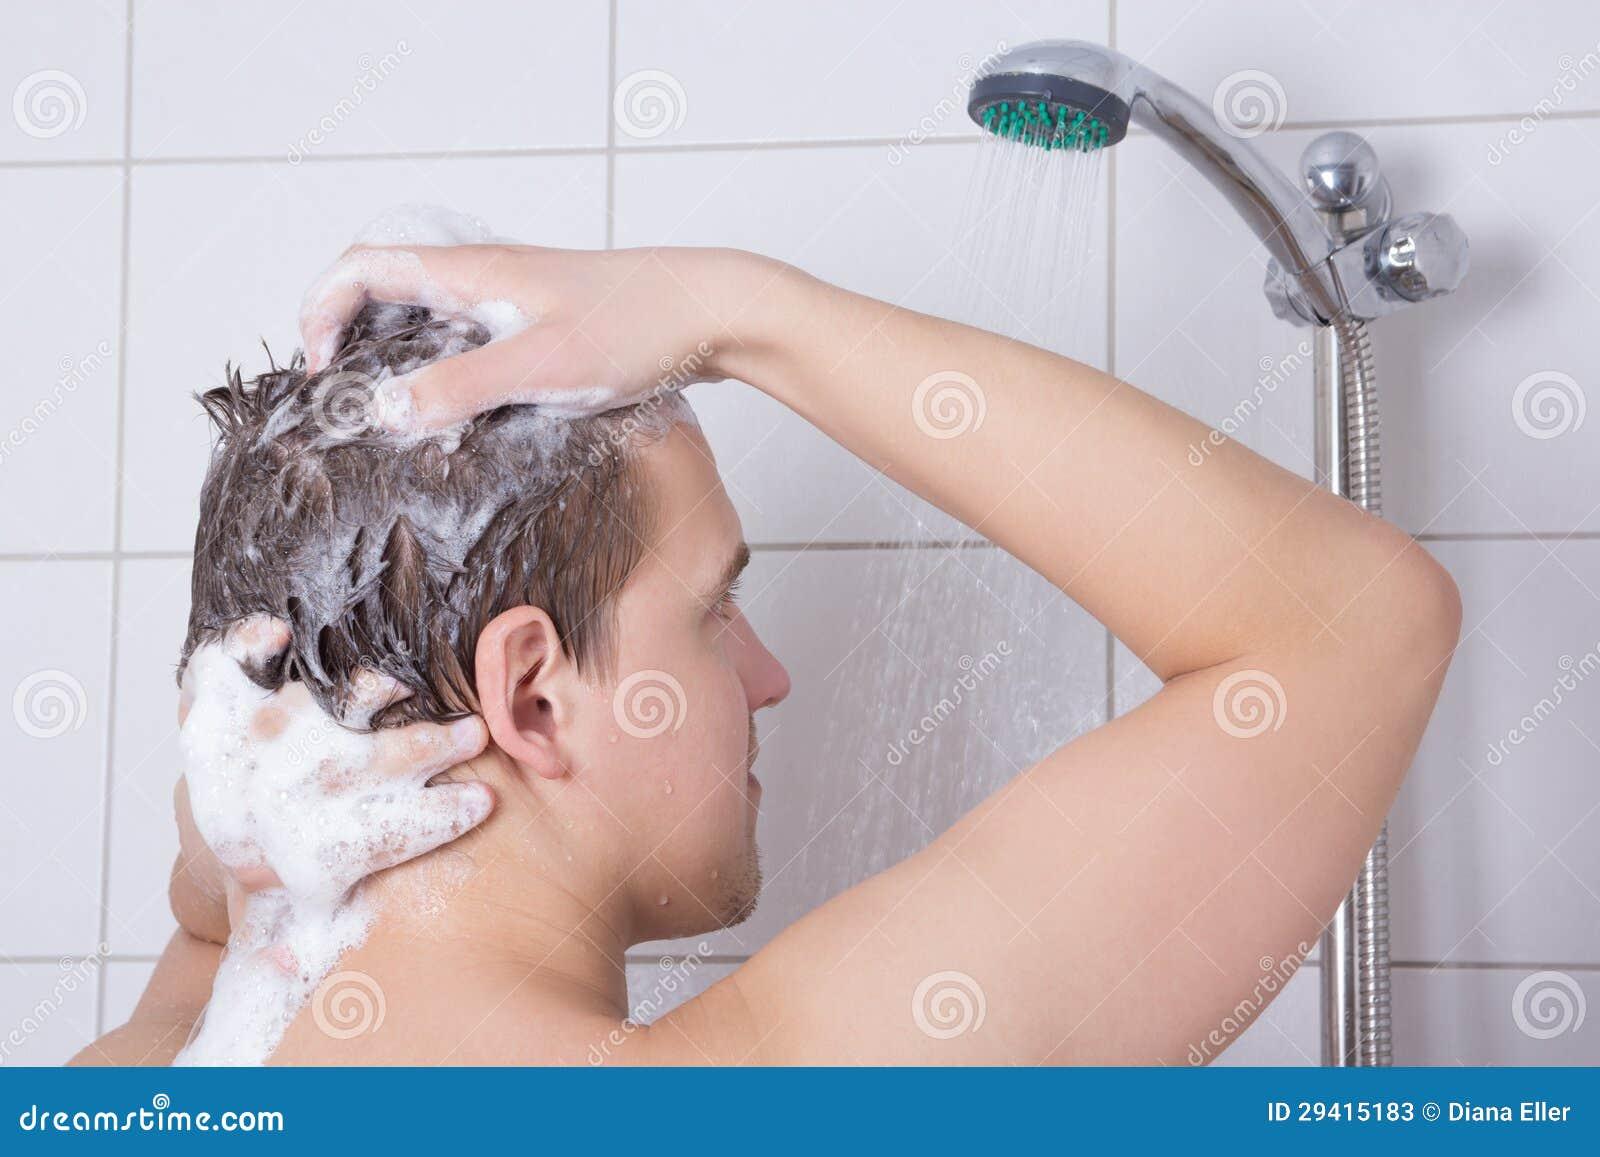 Парень моет волосы девушке фото